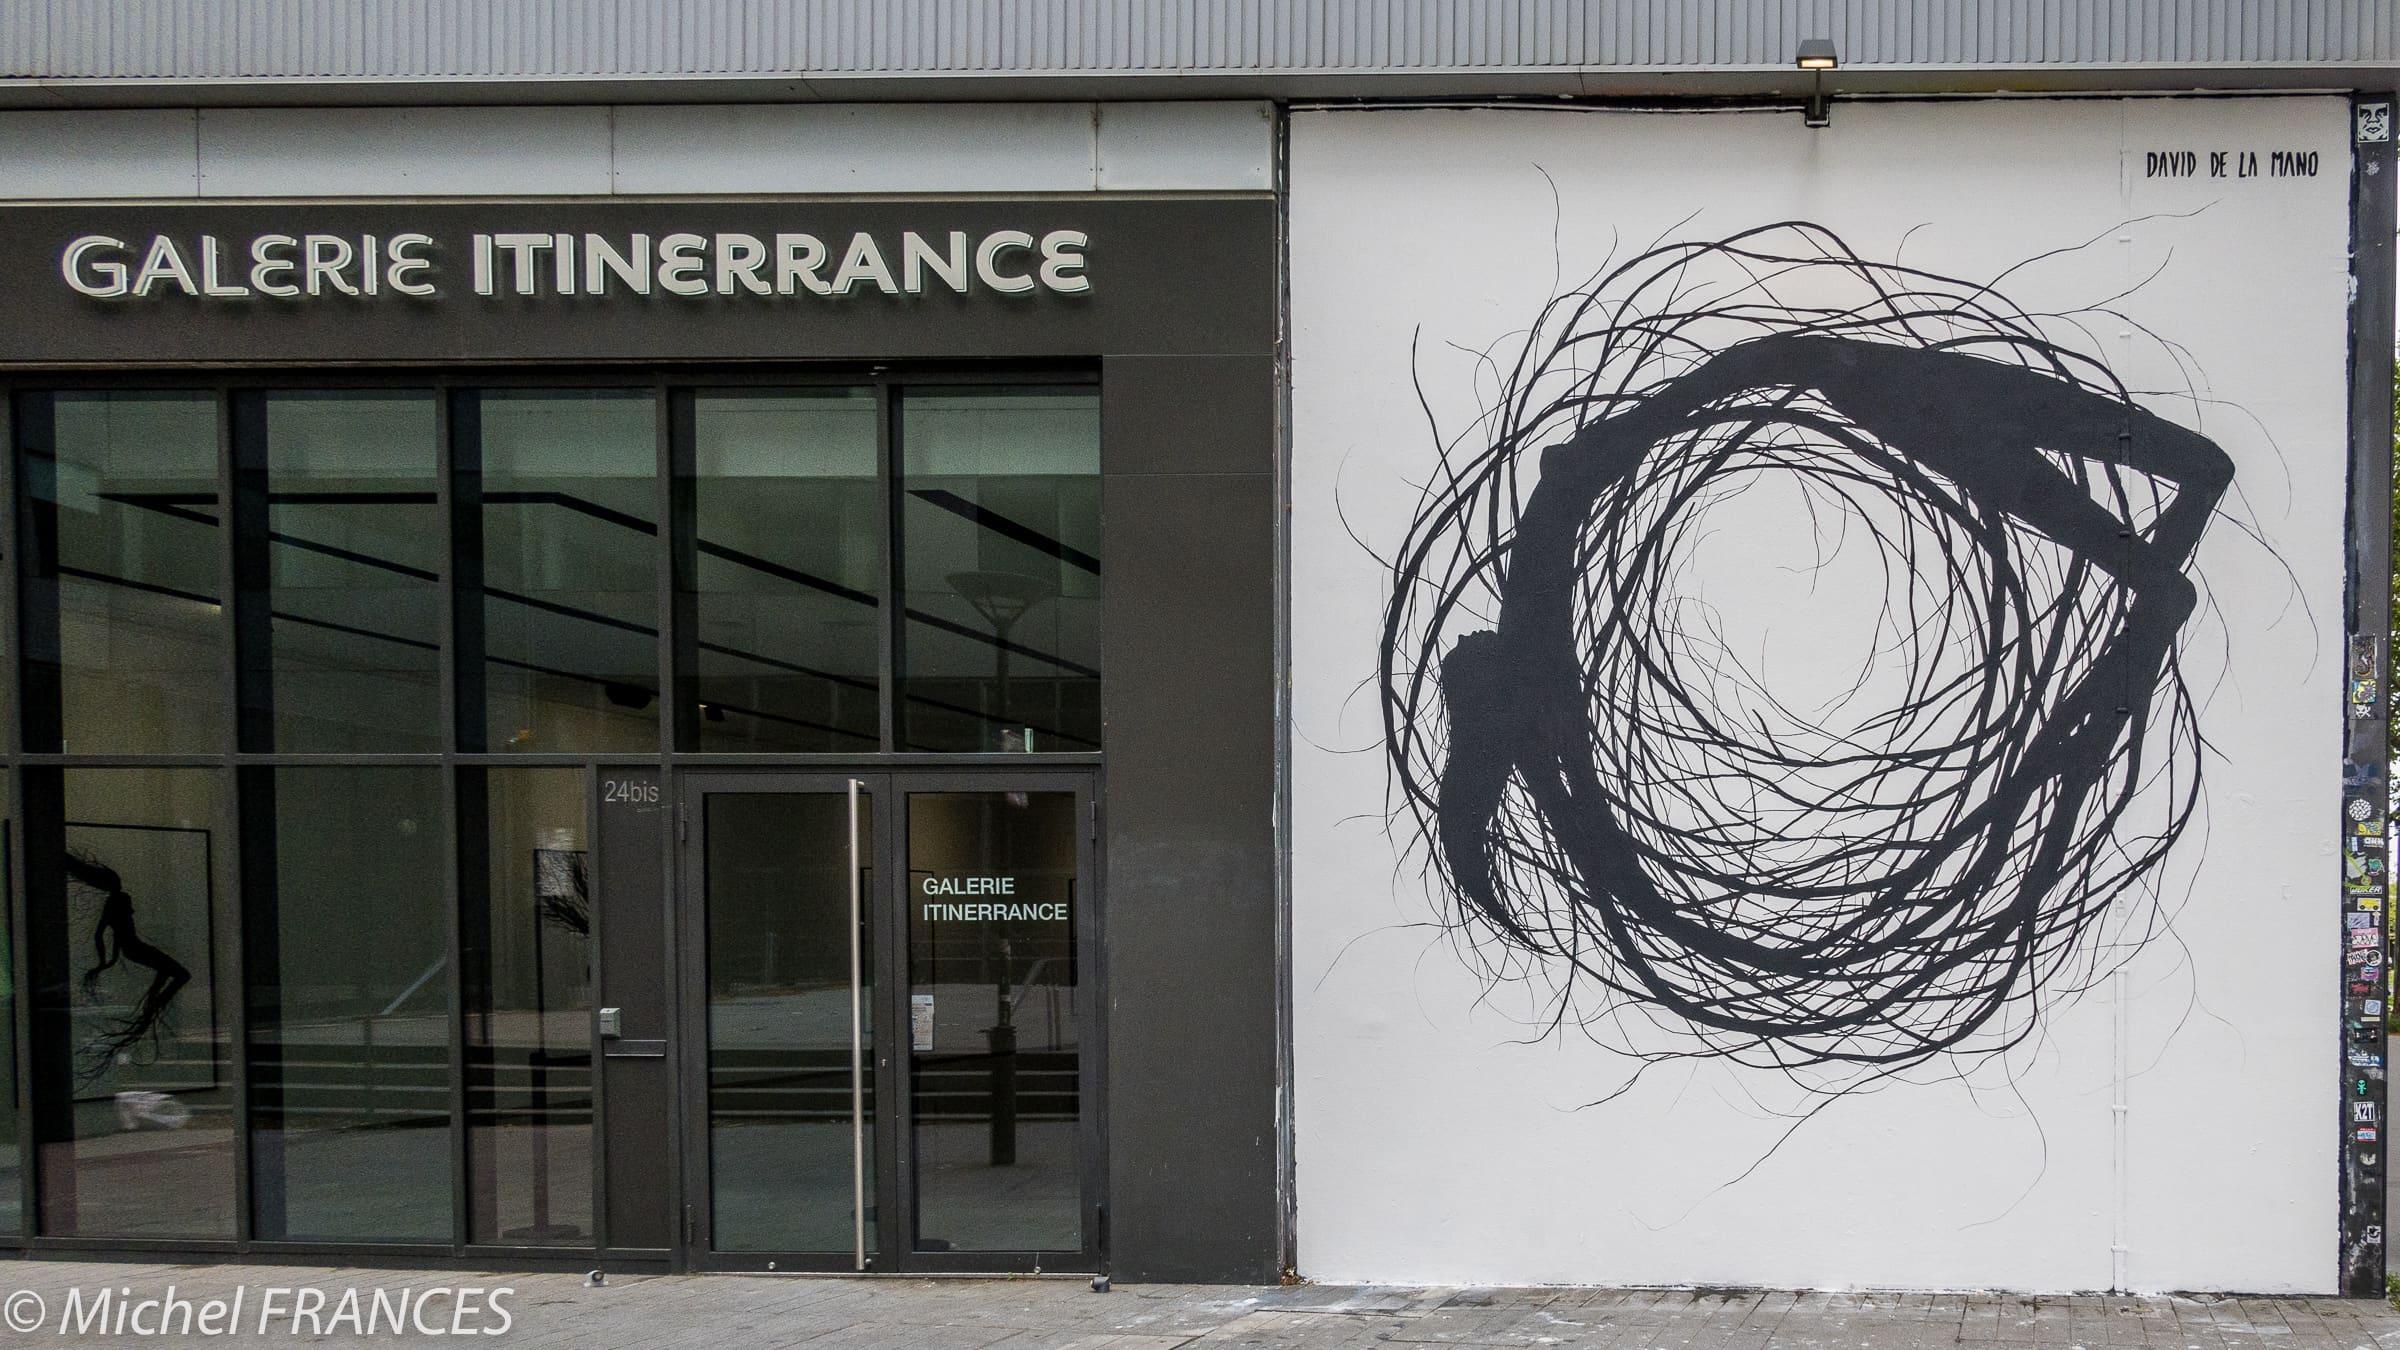 Galerie Itinerrance – Exposition David de la Mano